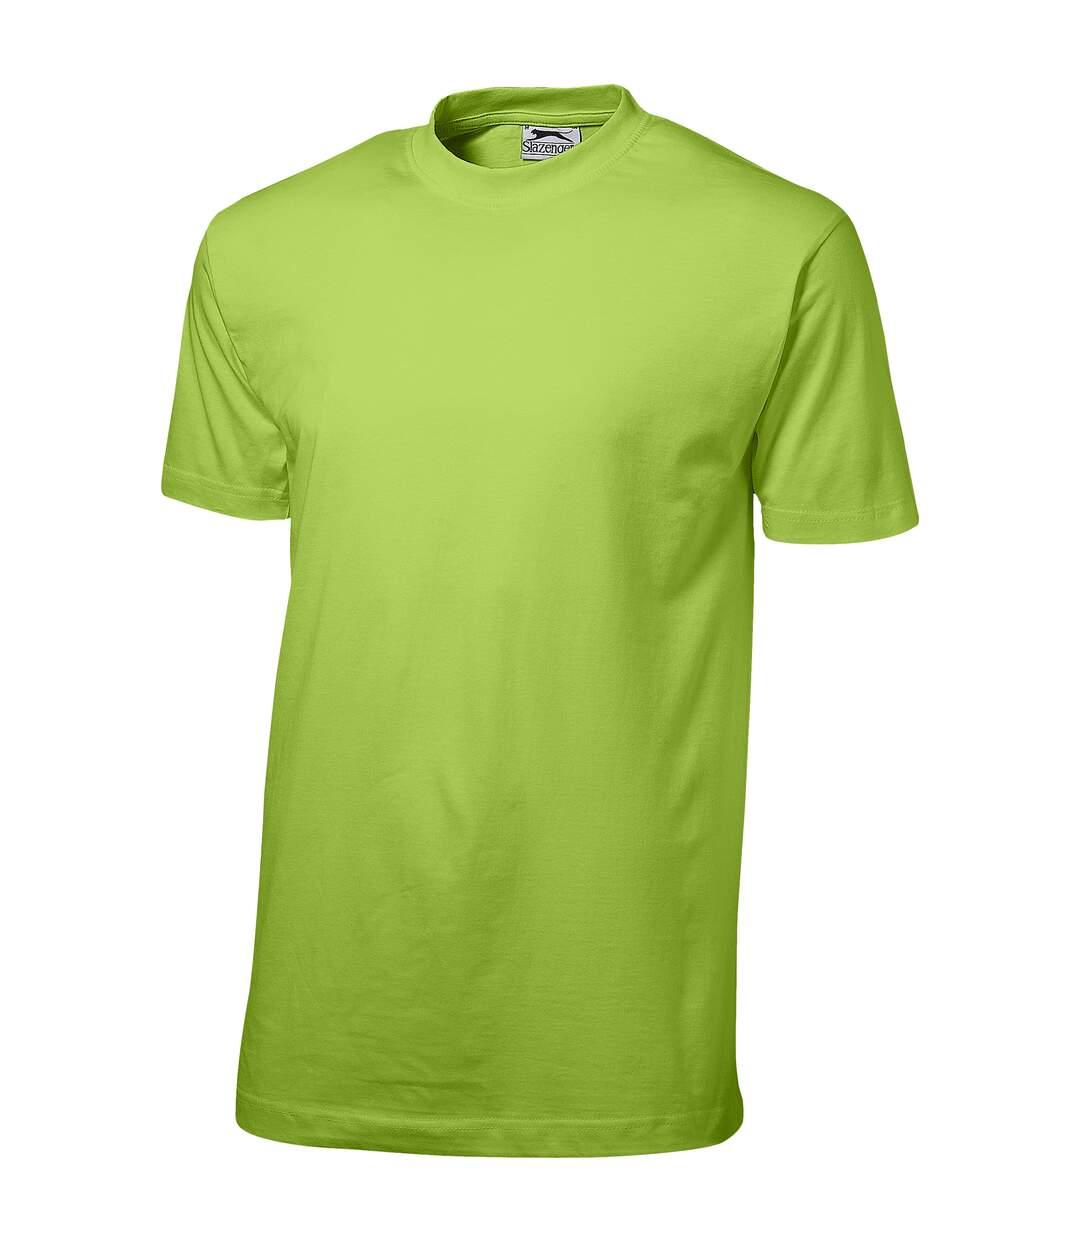 Slazenger Mens Ace Short Sleeve T-Shirt (Apple Green) - UTPF1802